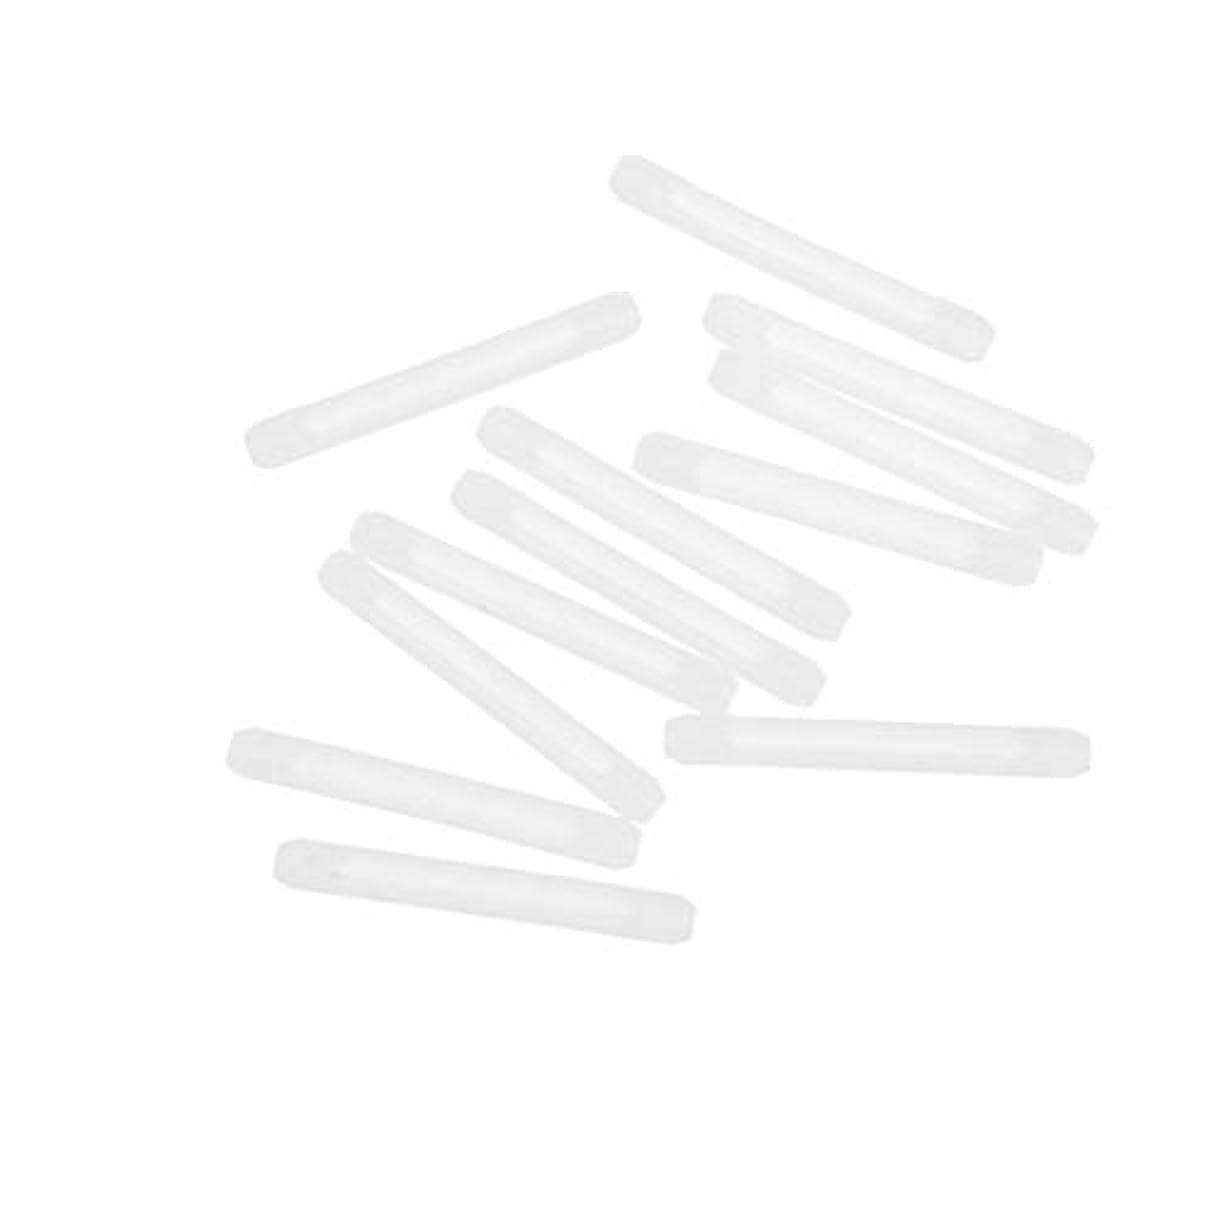 メンバー合併リフトHealifty メガネホルダー滑り止めシリコンメガネアクセサリー20pcs(ホワイト)